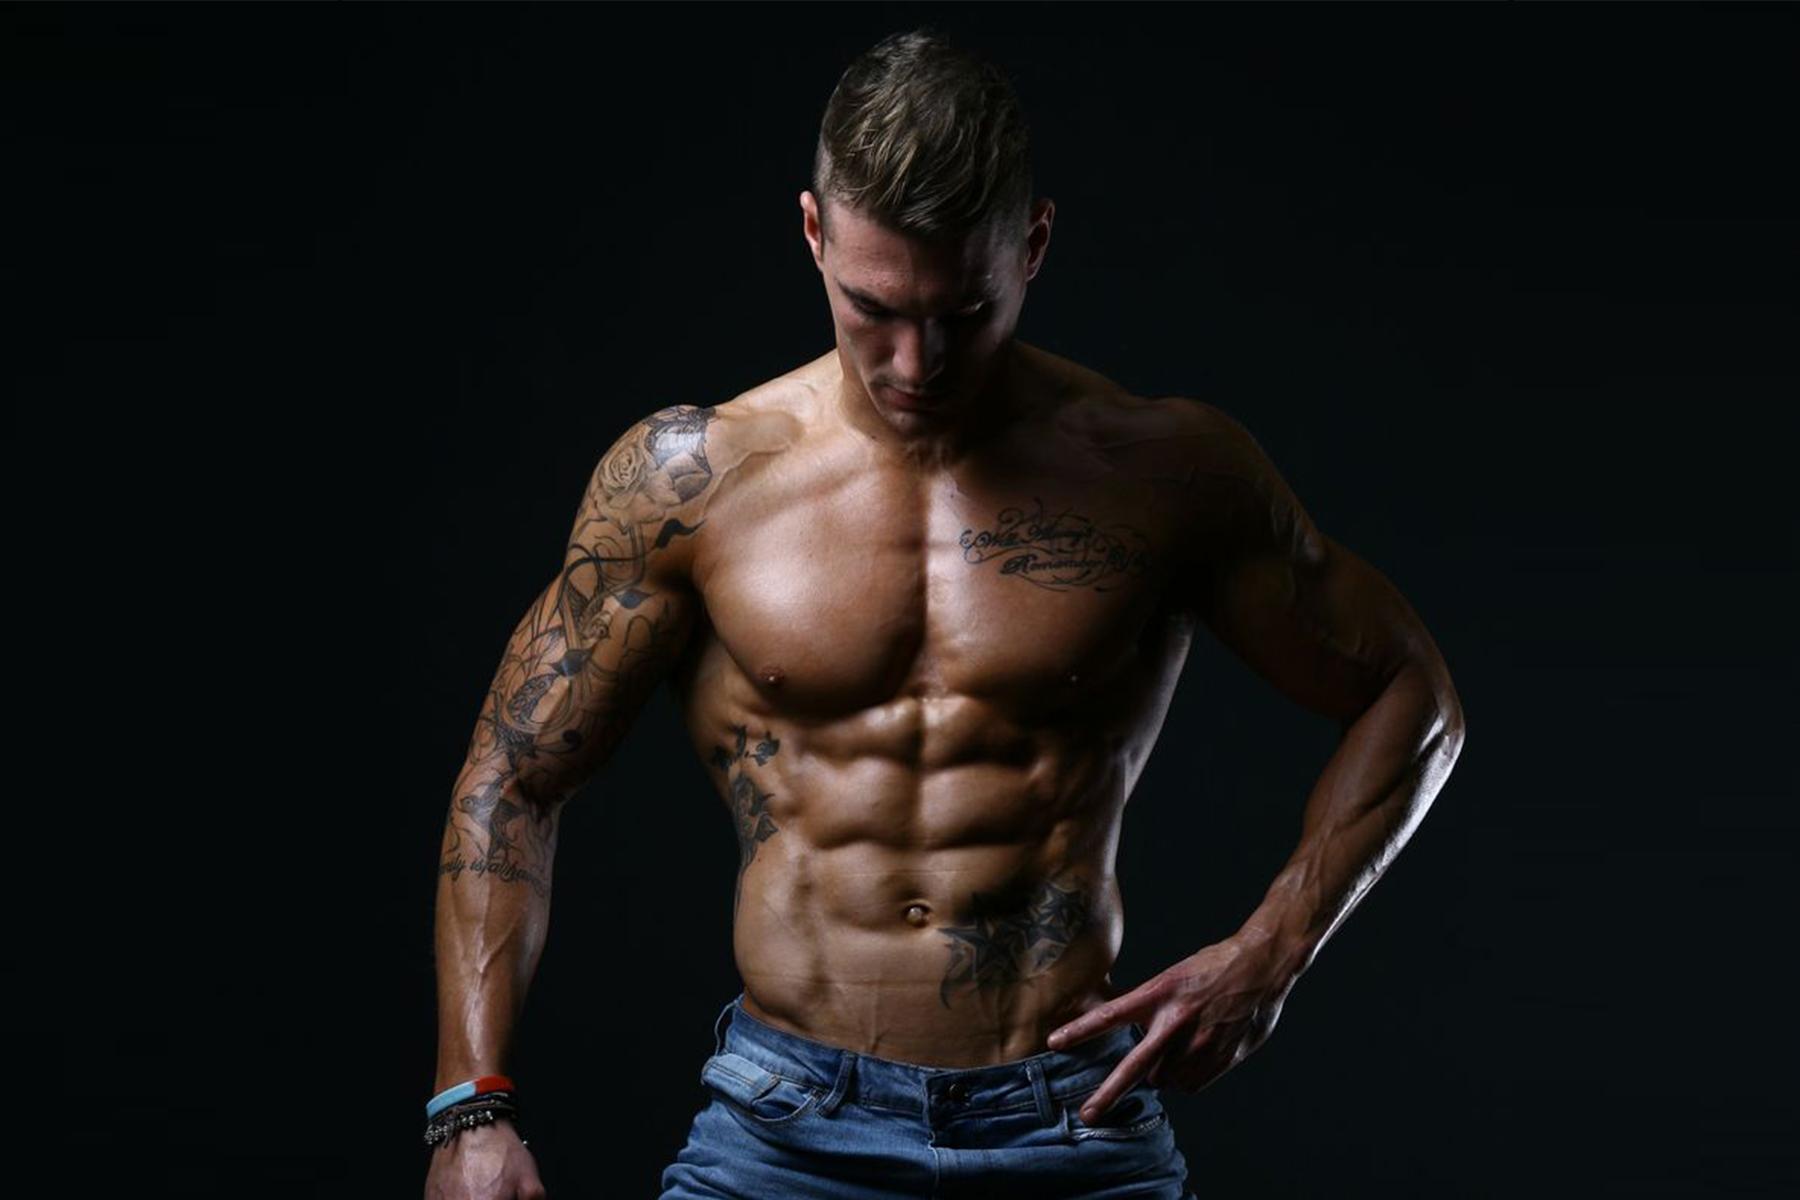 Cамые мускулистые мужчины мира: мой личный топ с фото